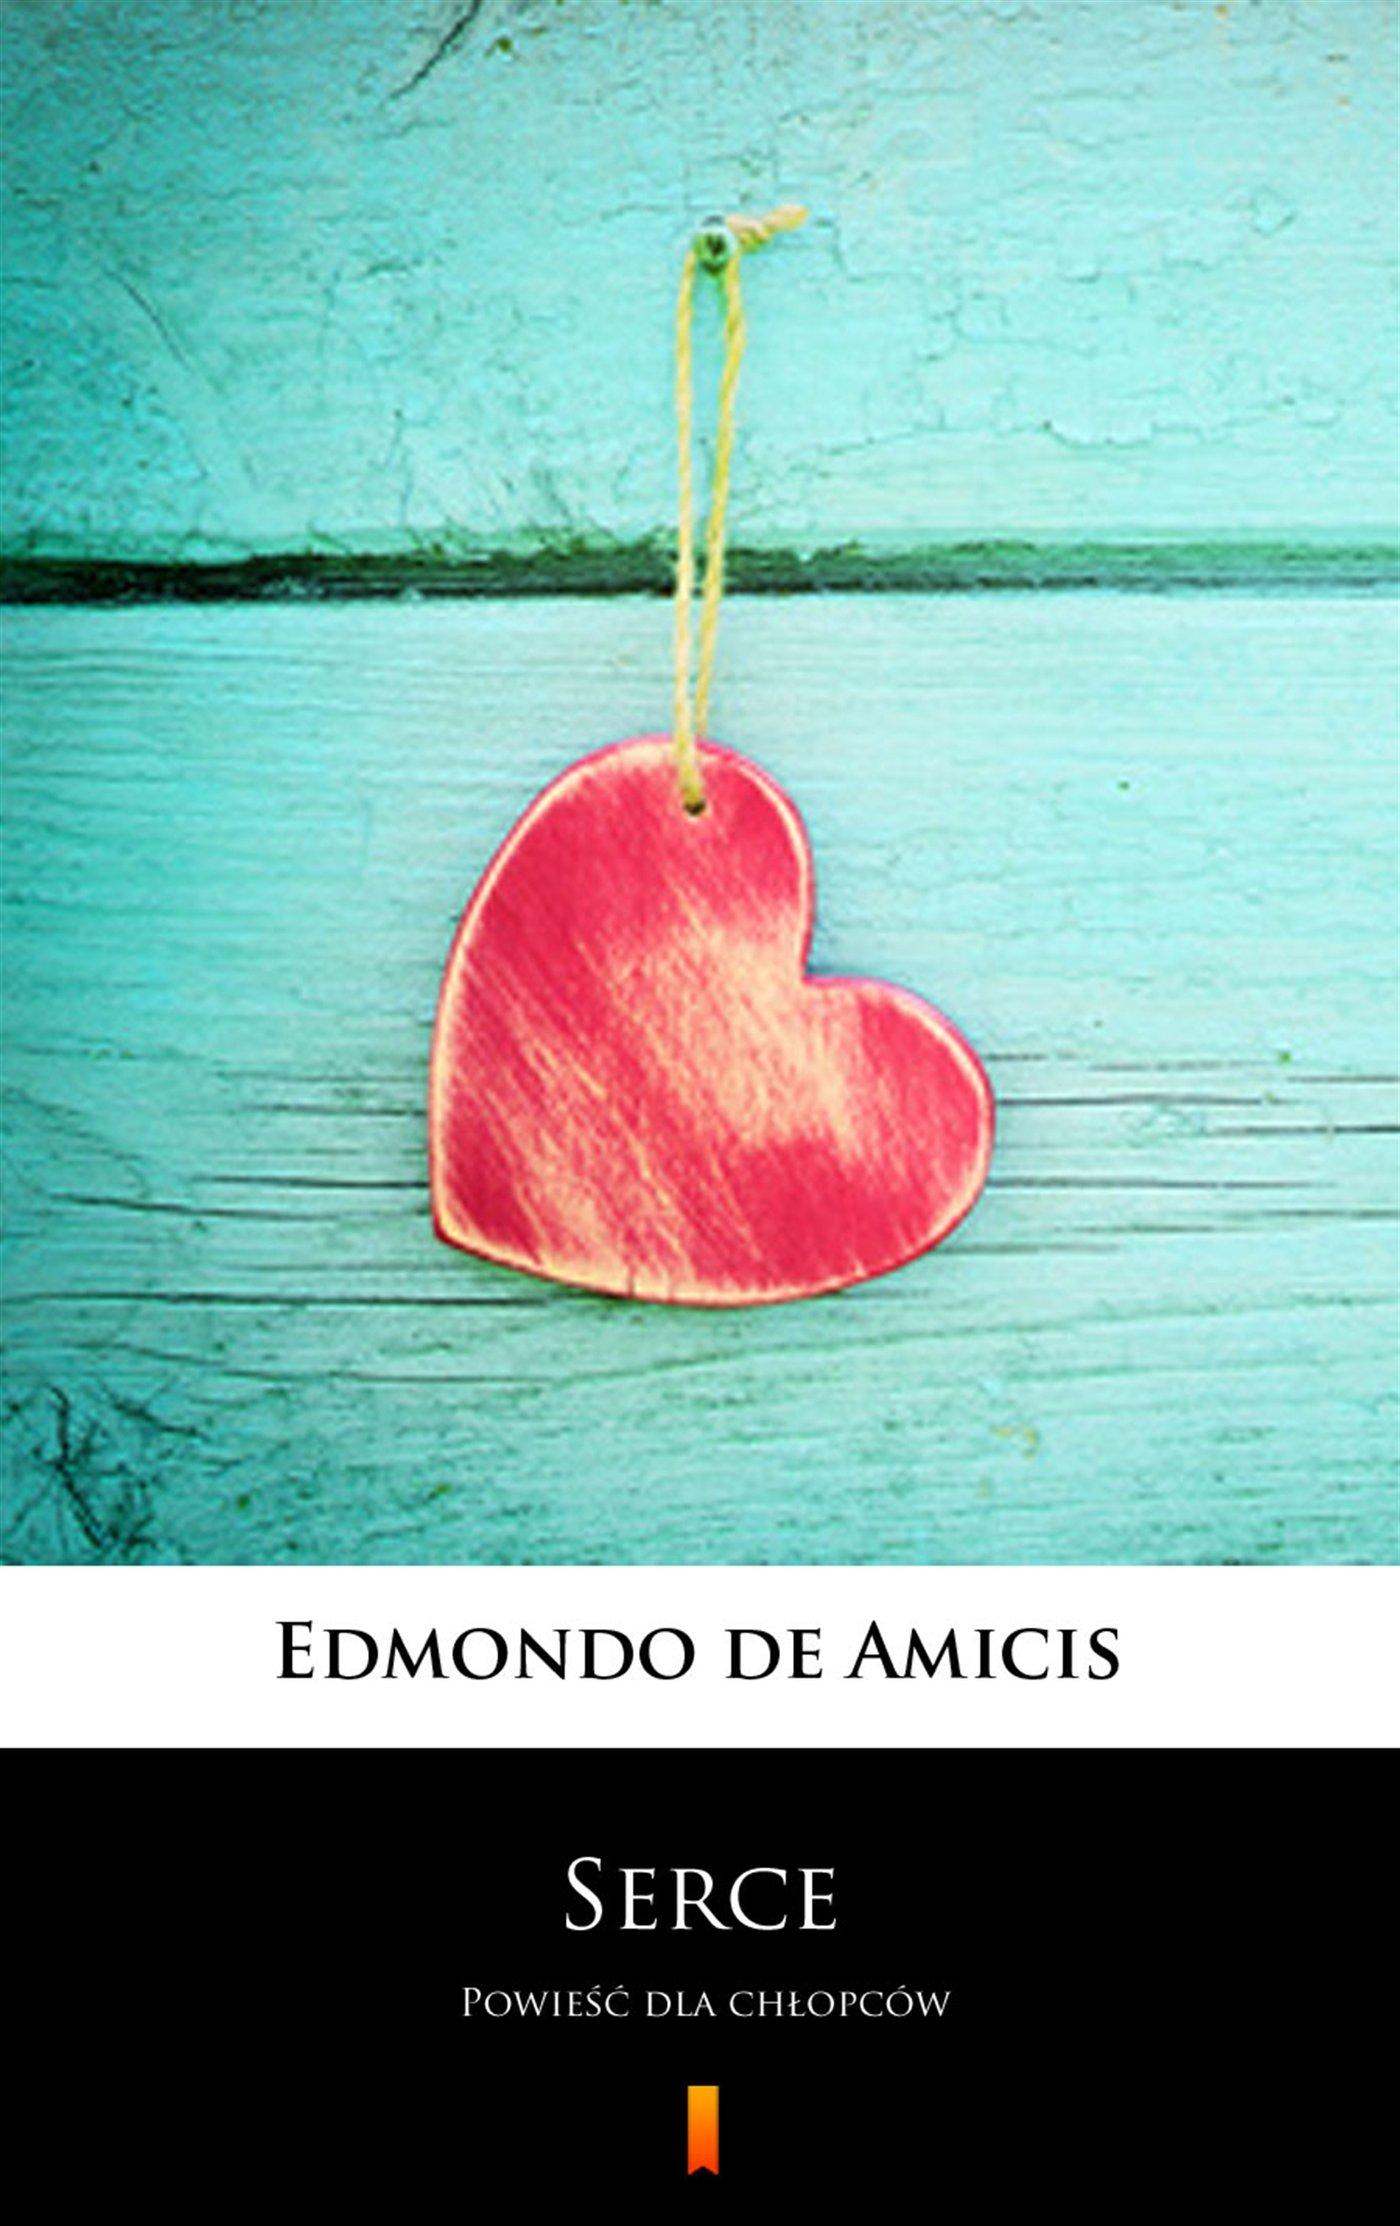 Serce - Ebook (Książka EPUB) do pobrania w formacie EPUB